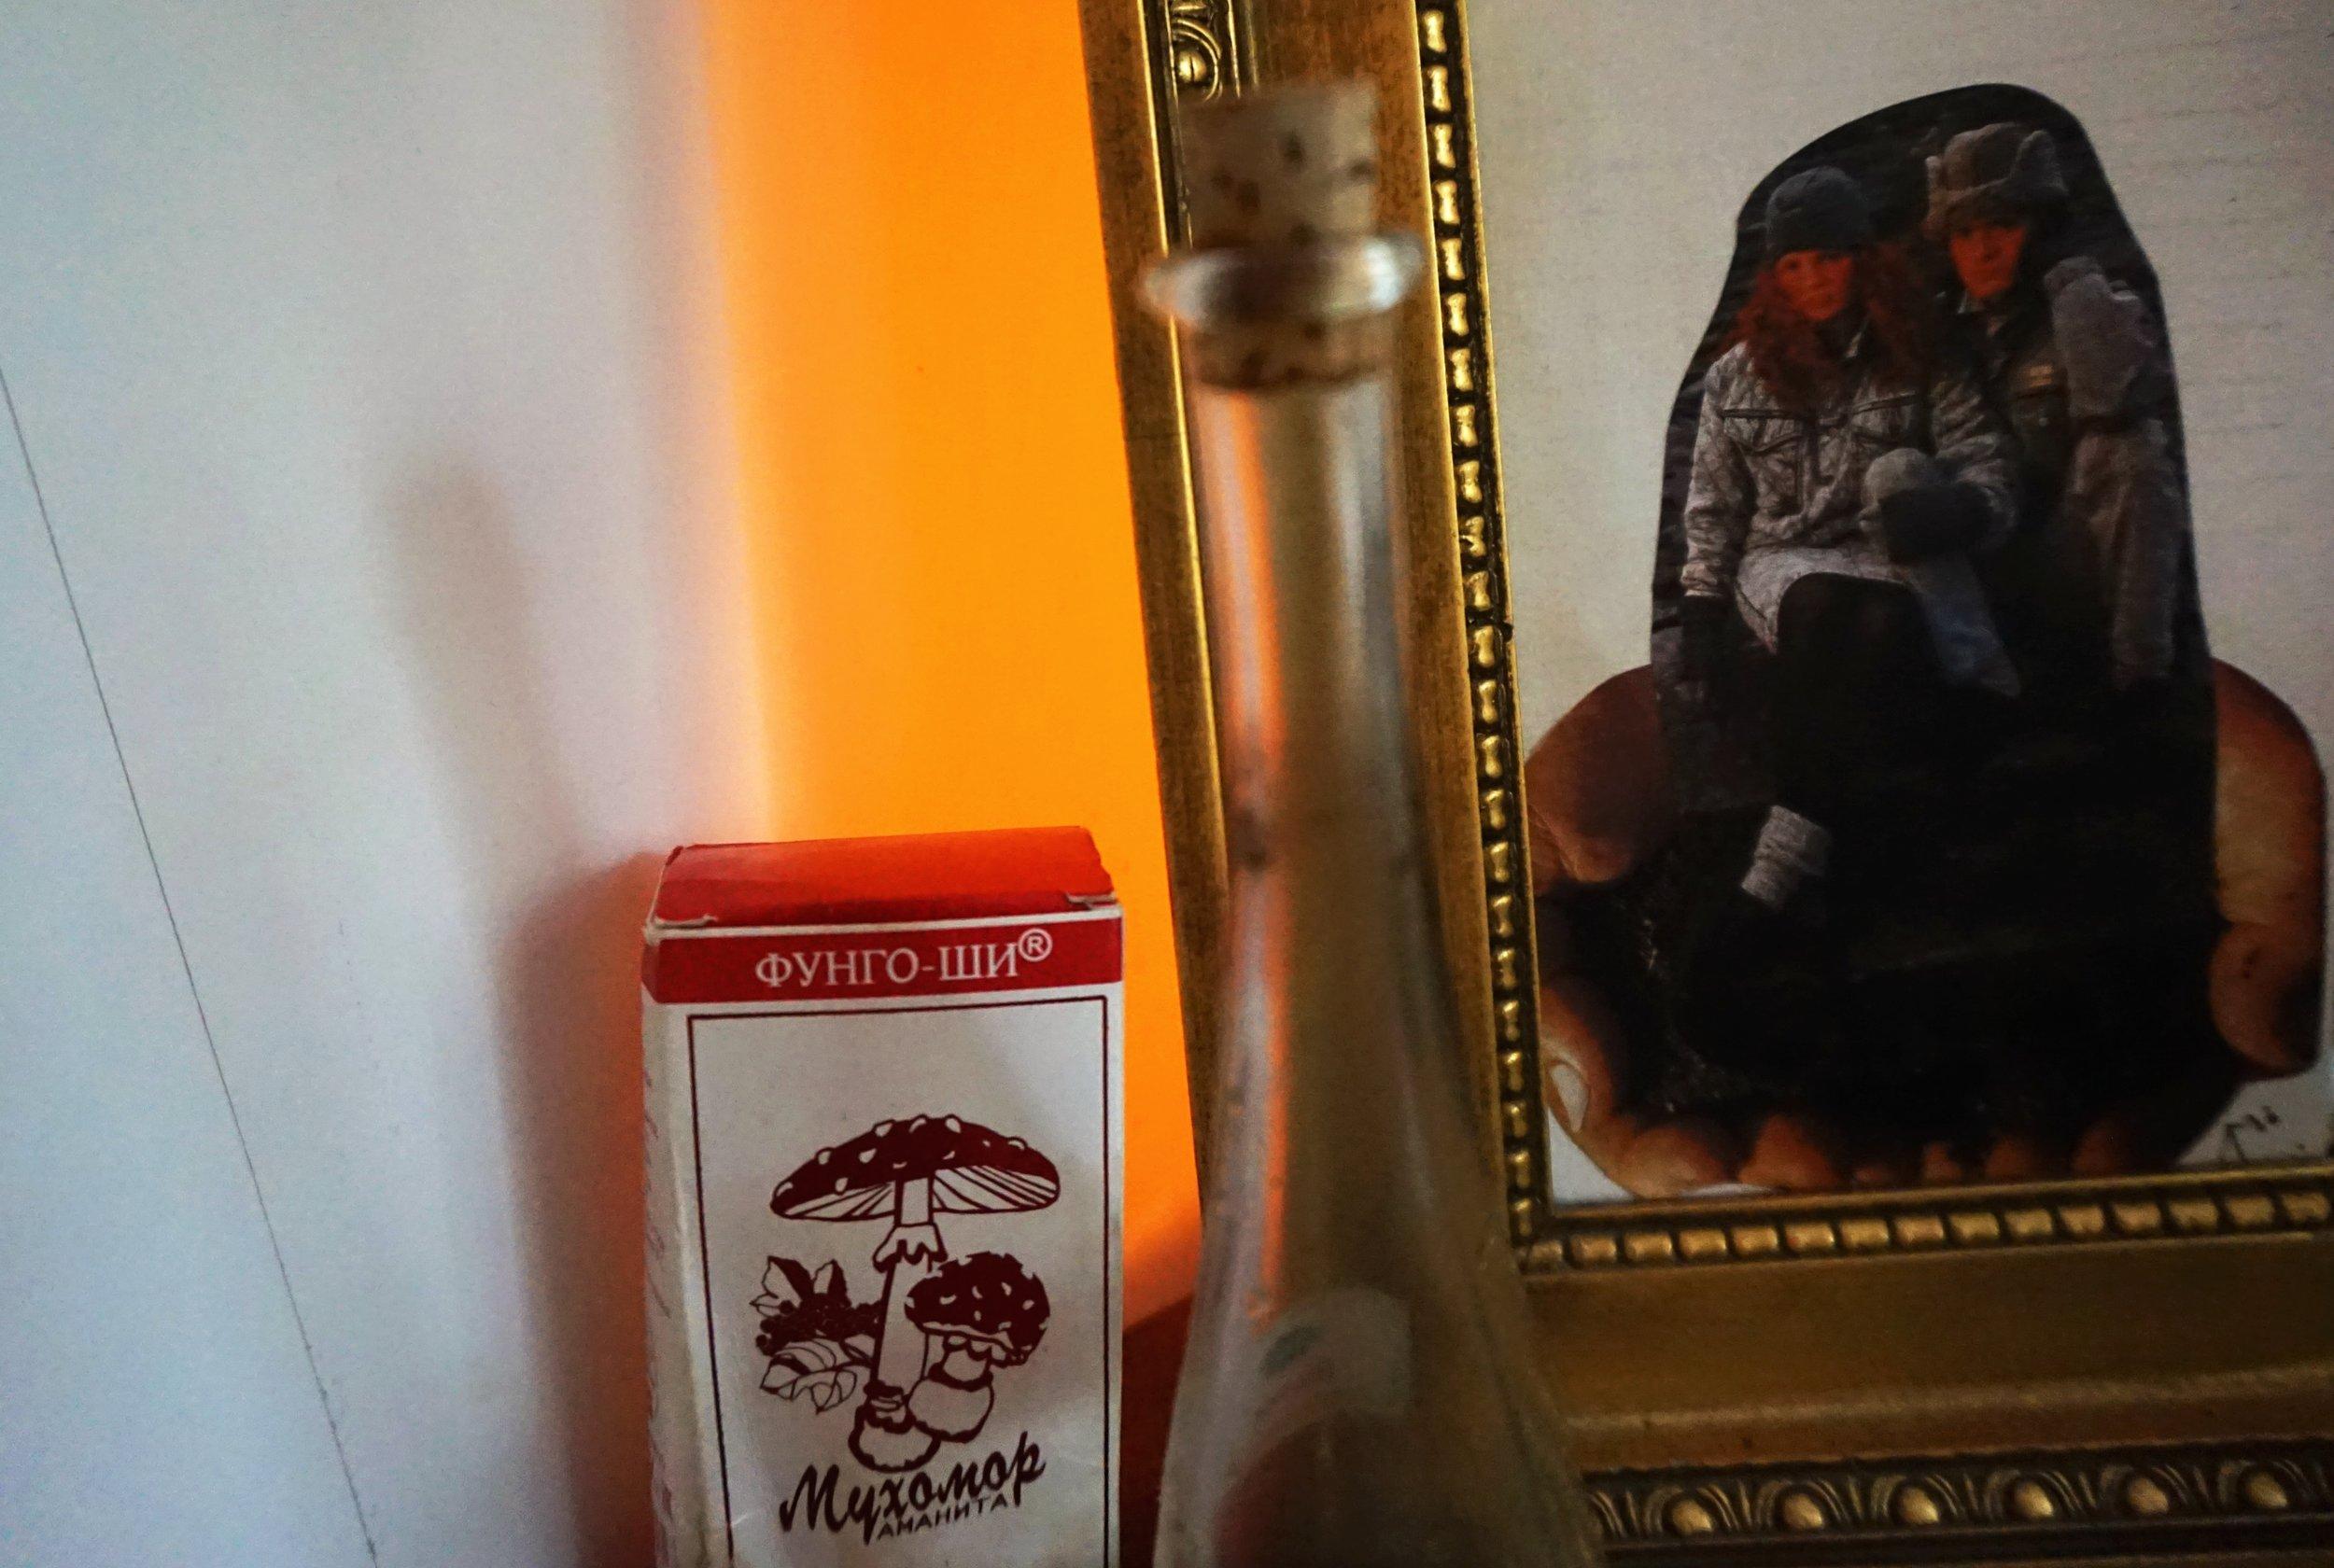 Röd Amanita i rysk kräm, avokadoolja & jordat kollage pryder pumudavråns bord, bakom vars spegel det varma skenet av saltlampa skymtar.